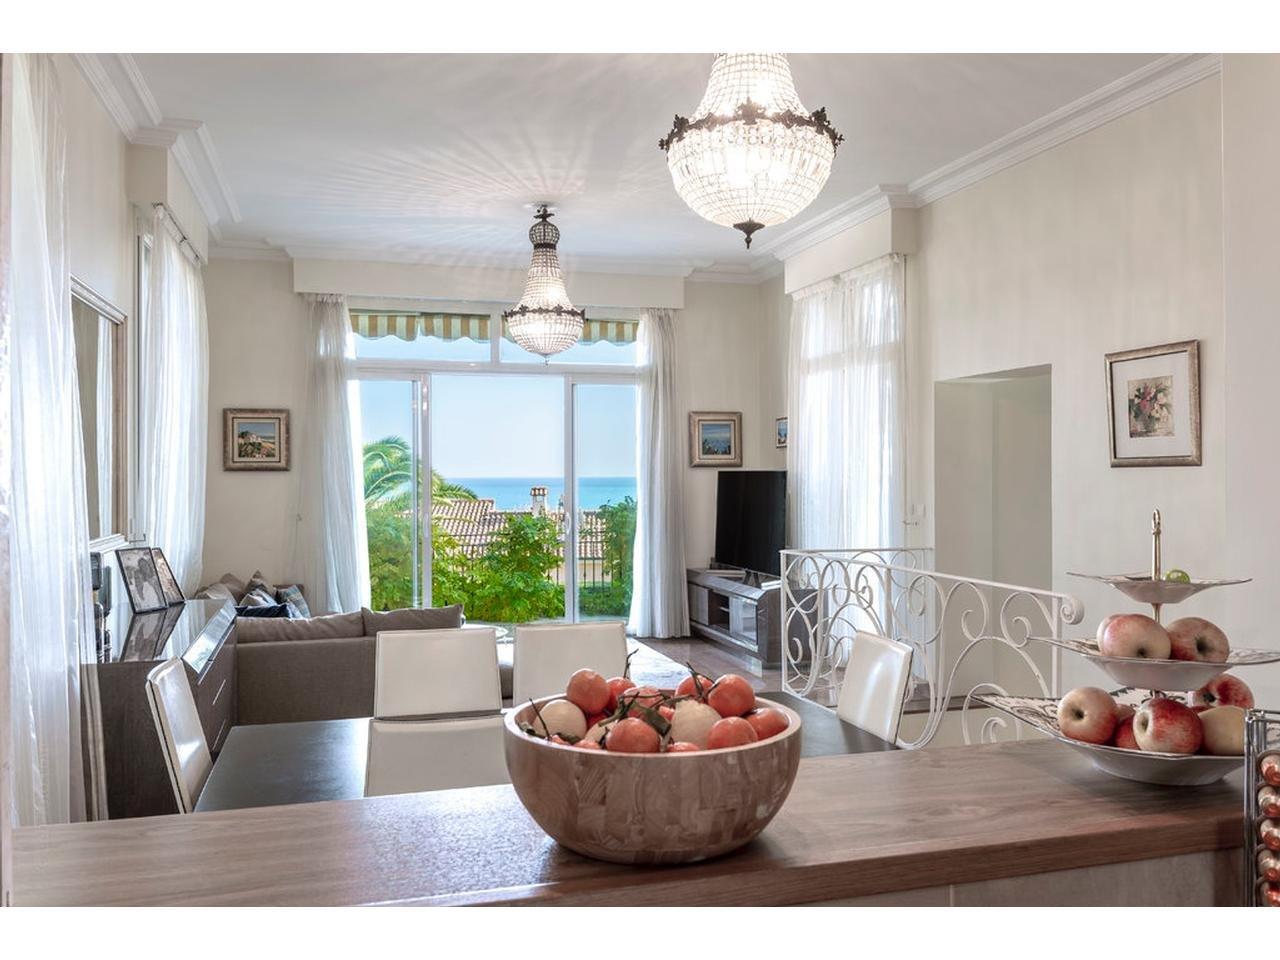 Maison  8 Rooms 220m2  for sale  2400000 €